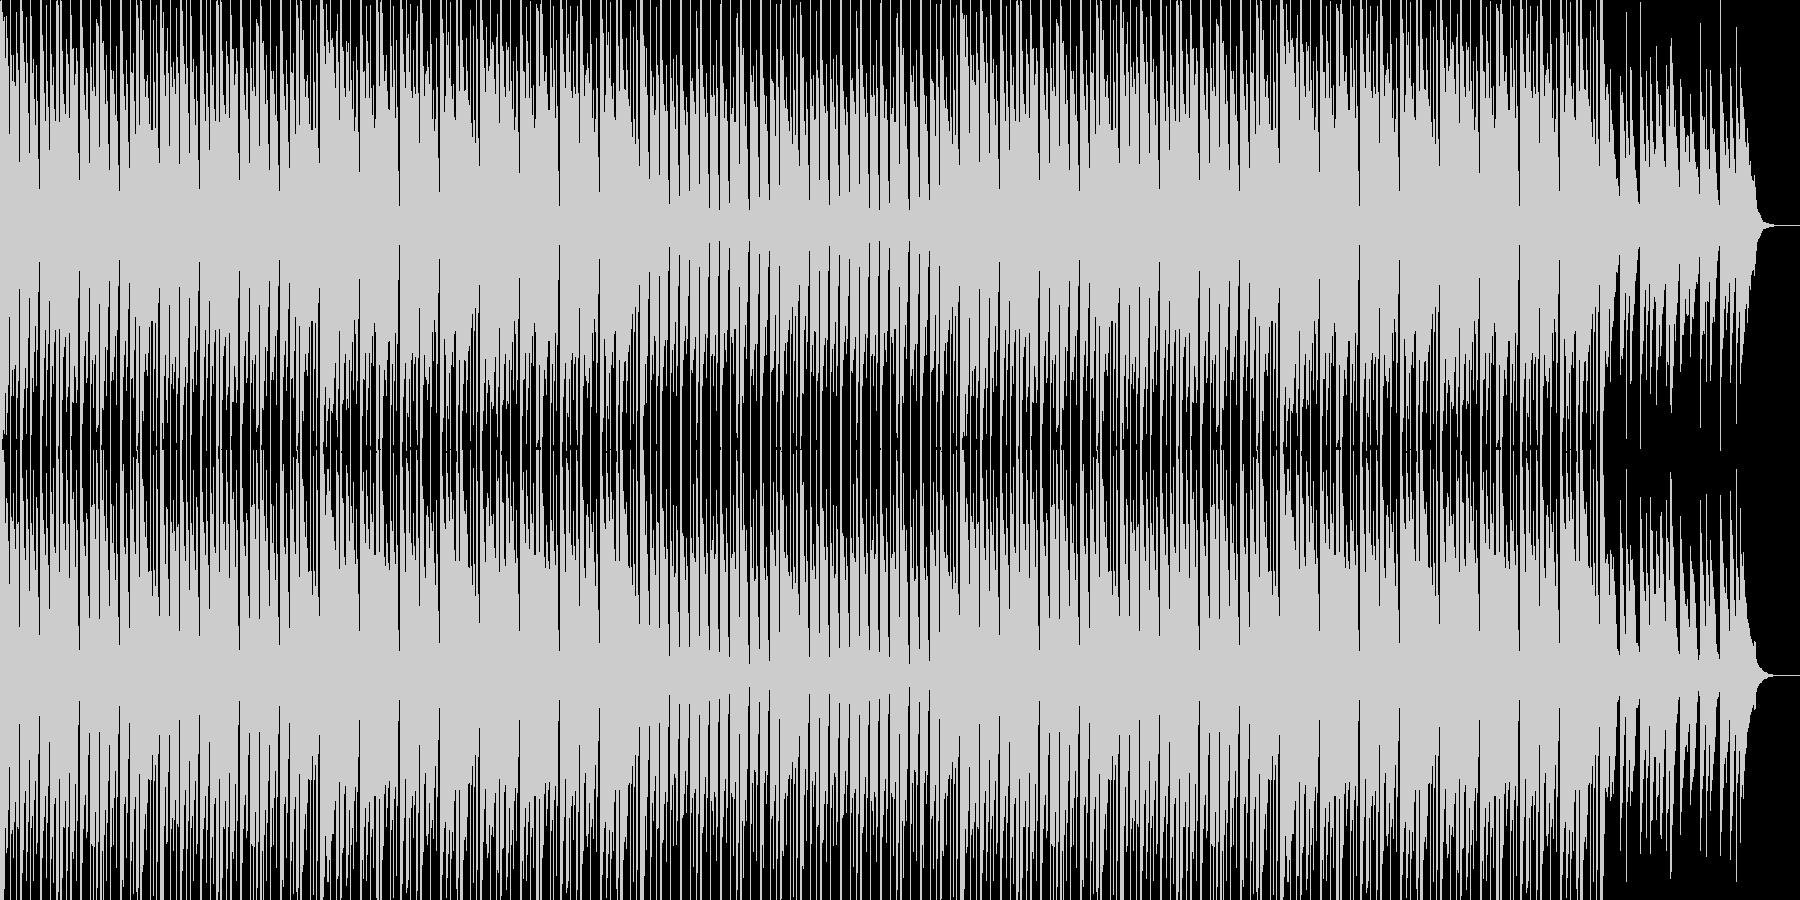 跳ねるマリンバのリズムの明るいポップスの未再生の波形